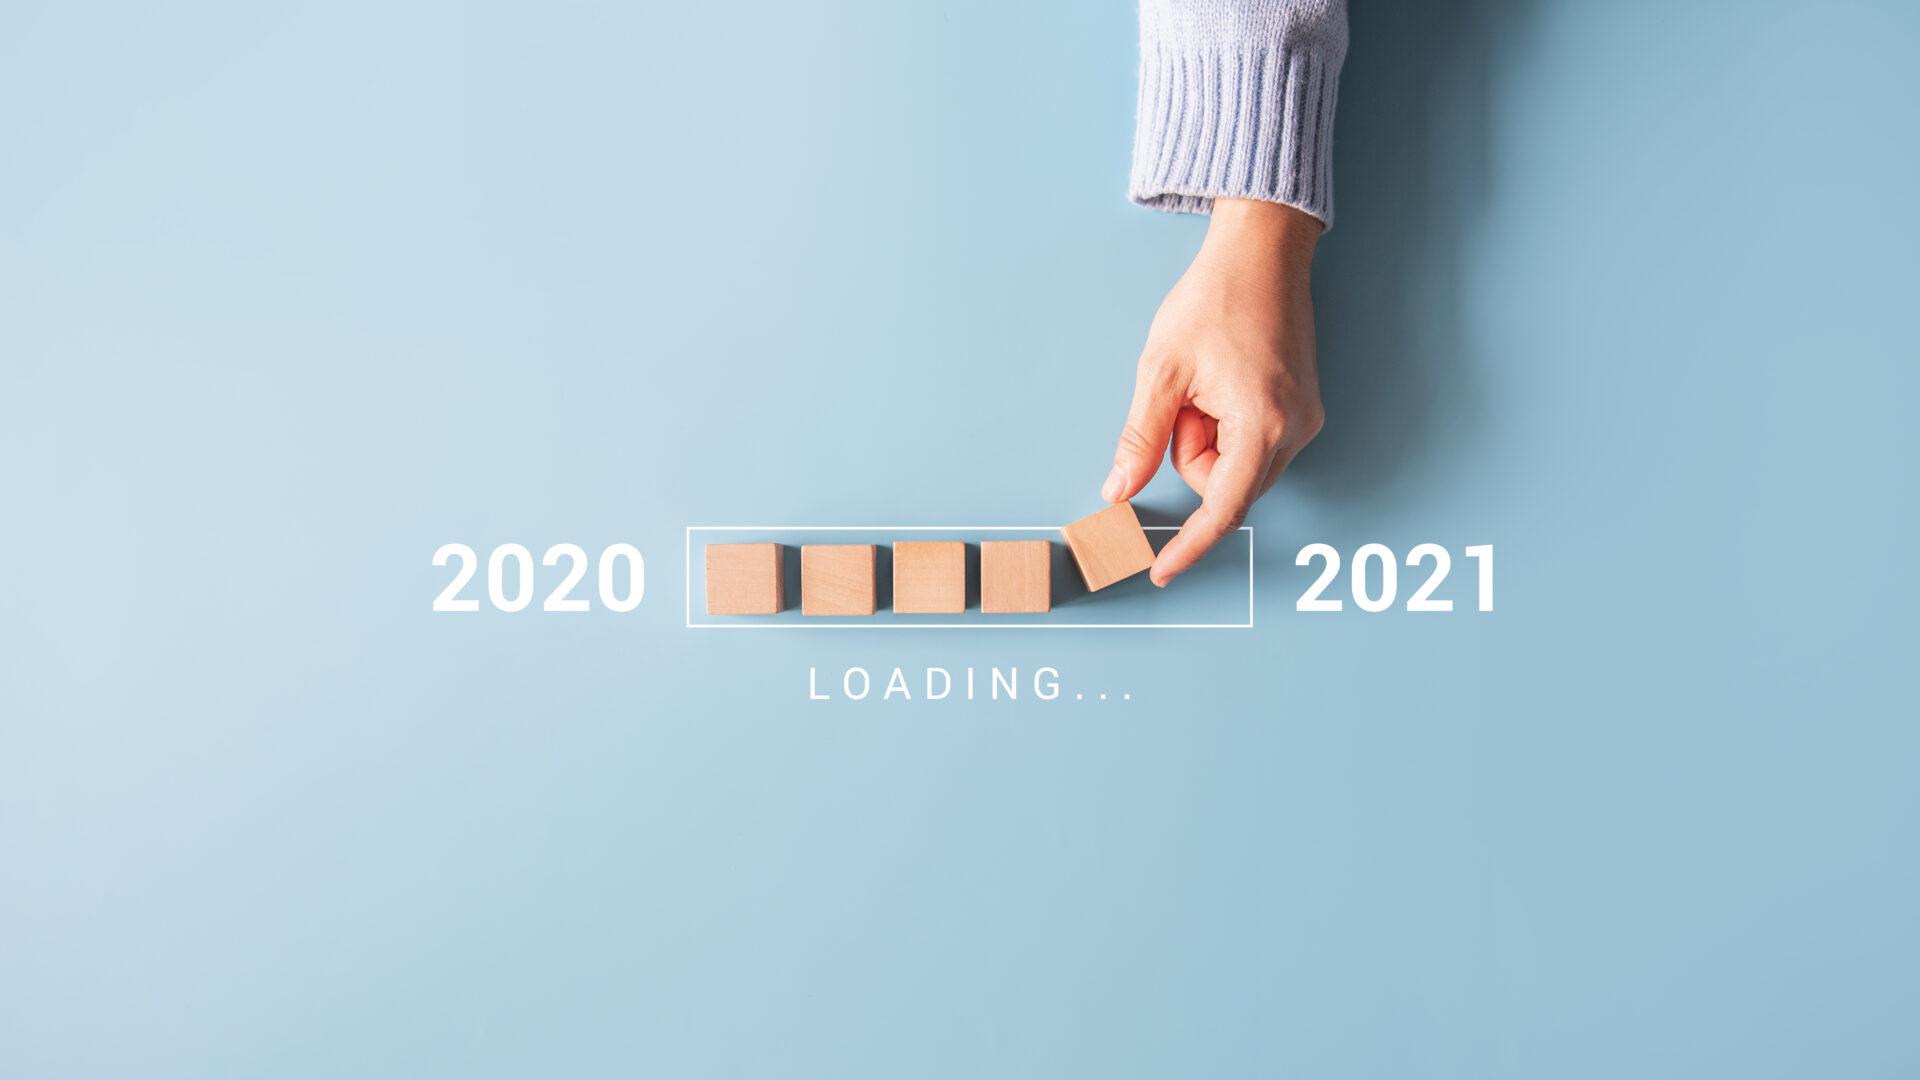 ładowanie roku 2021